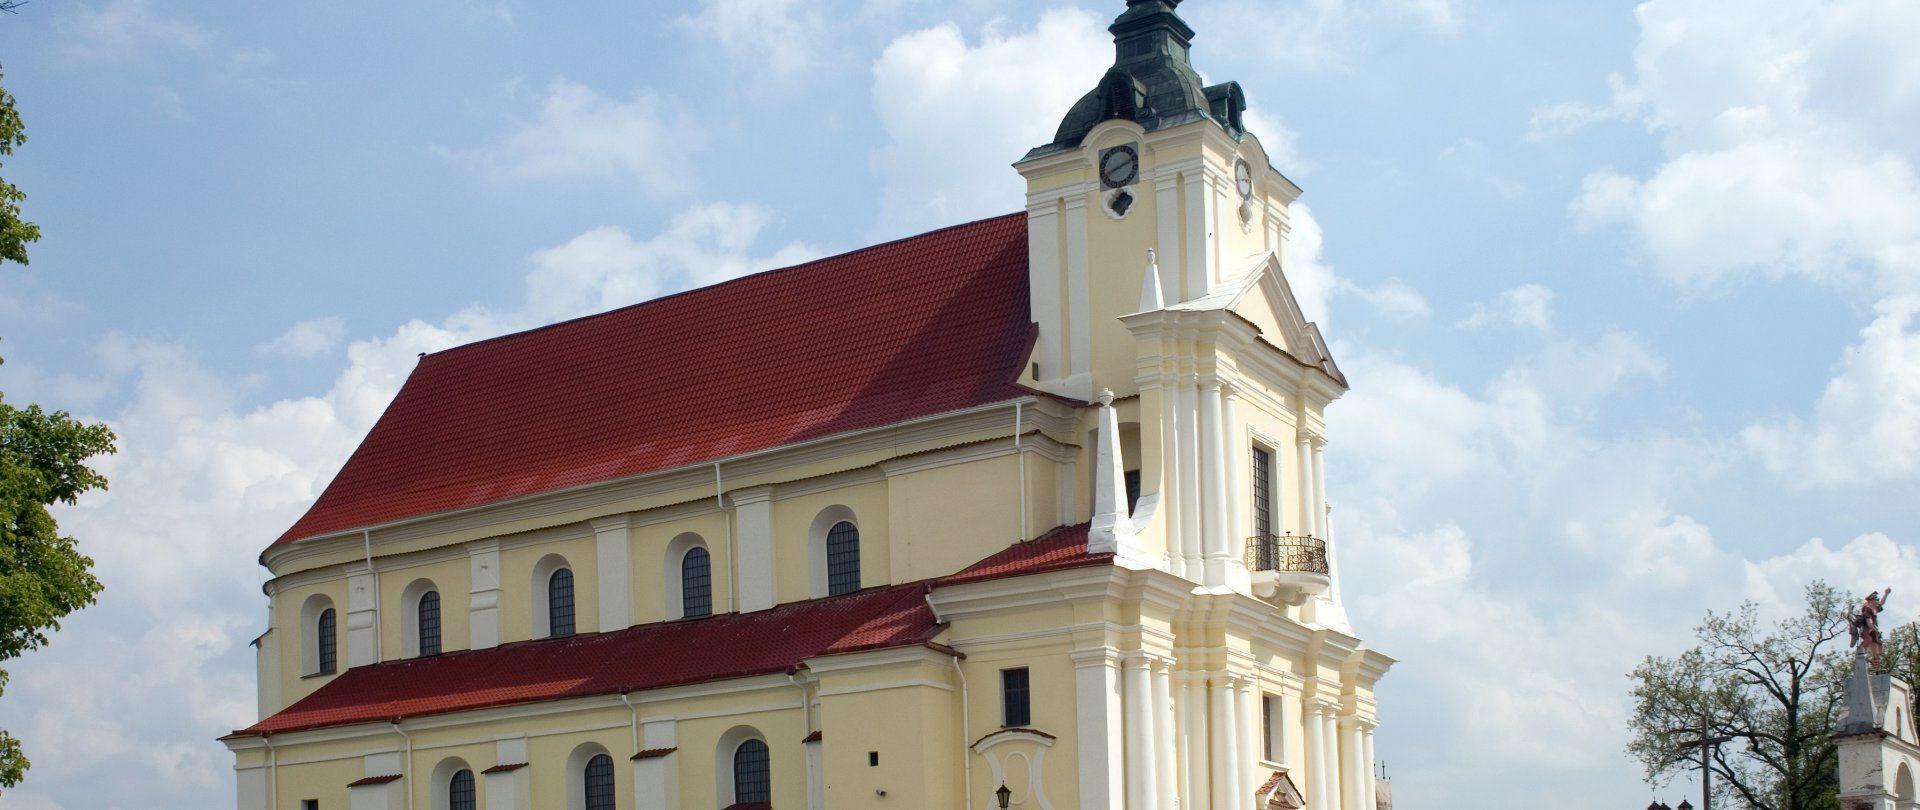 Kościół WNMP w Siemiatyczach z XVII w.